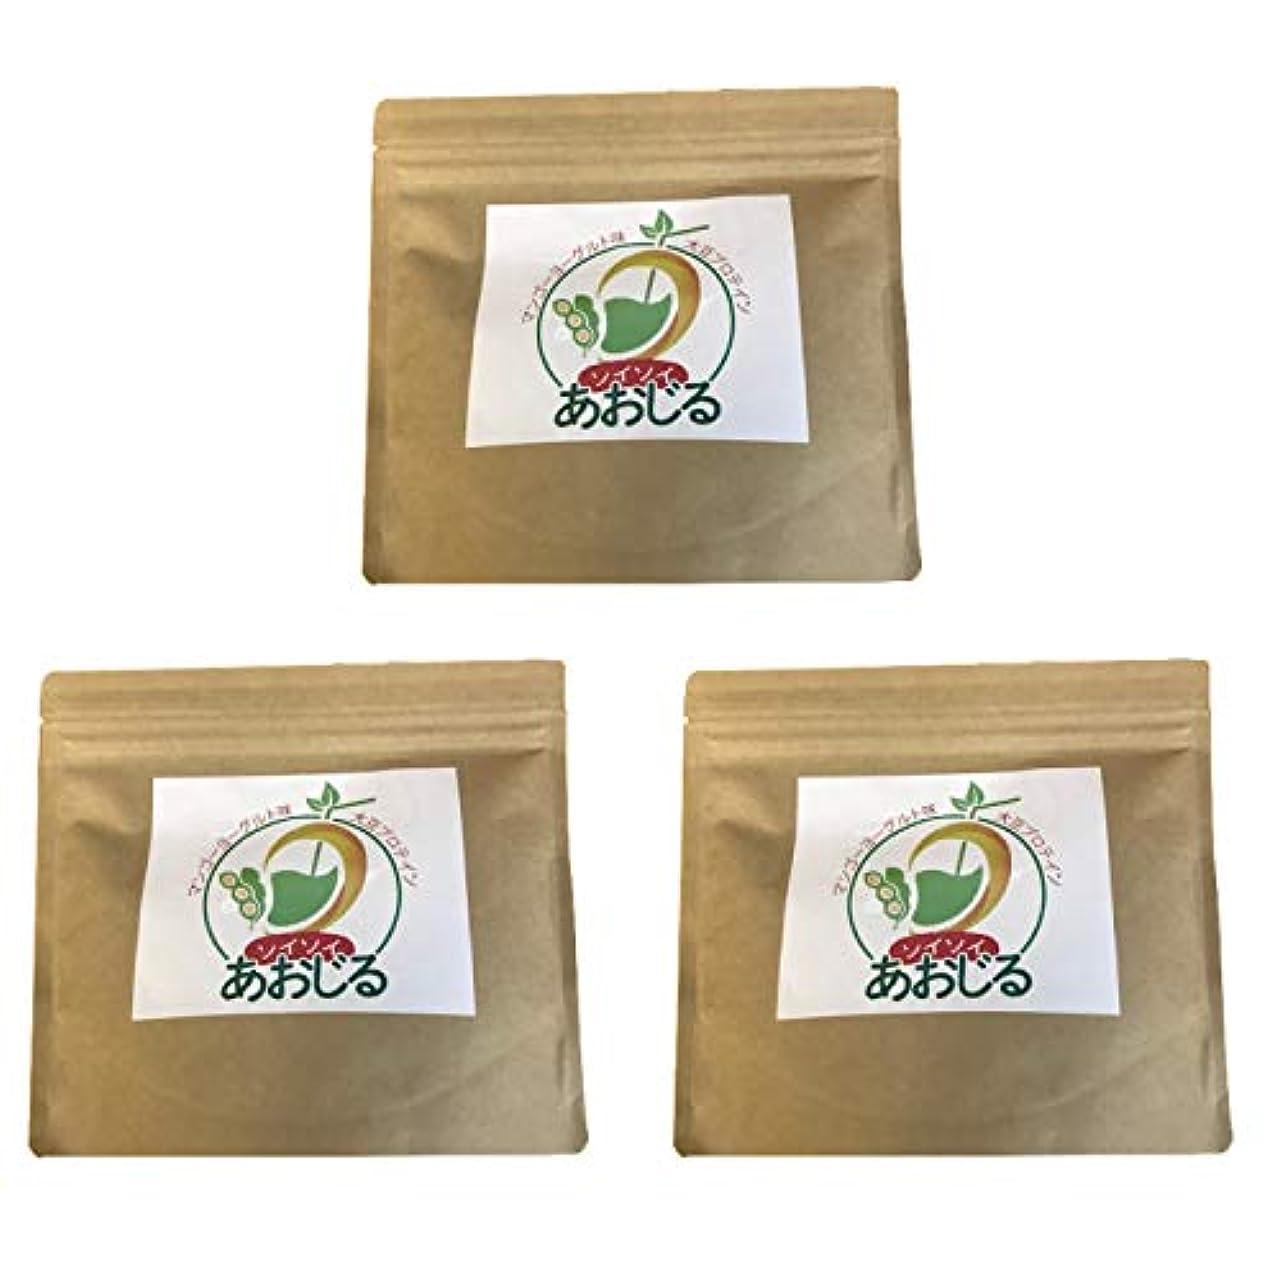 サイクル療法核プロテインダイエット ソイソイあおじる マンゴーヨーグルト風味 3セット(約1ヶ月分)